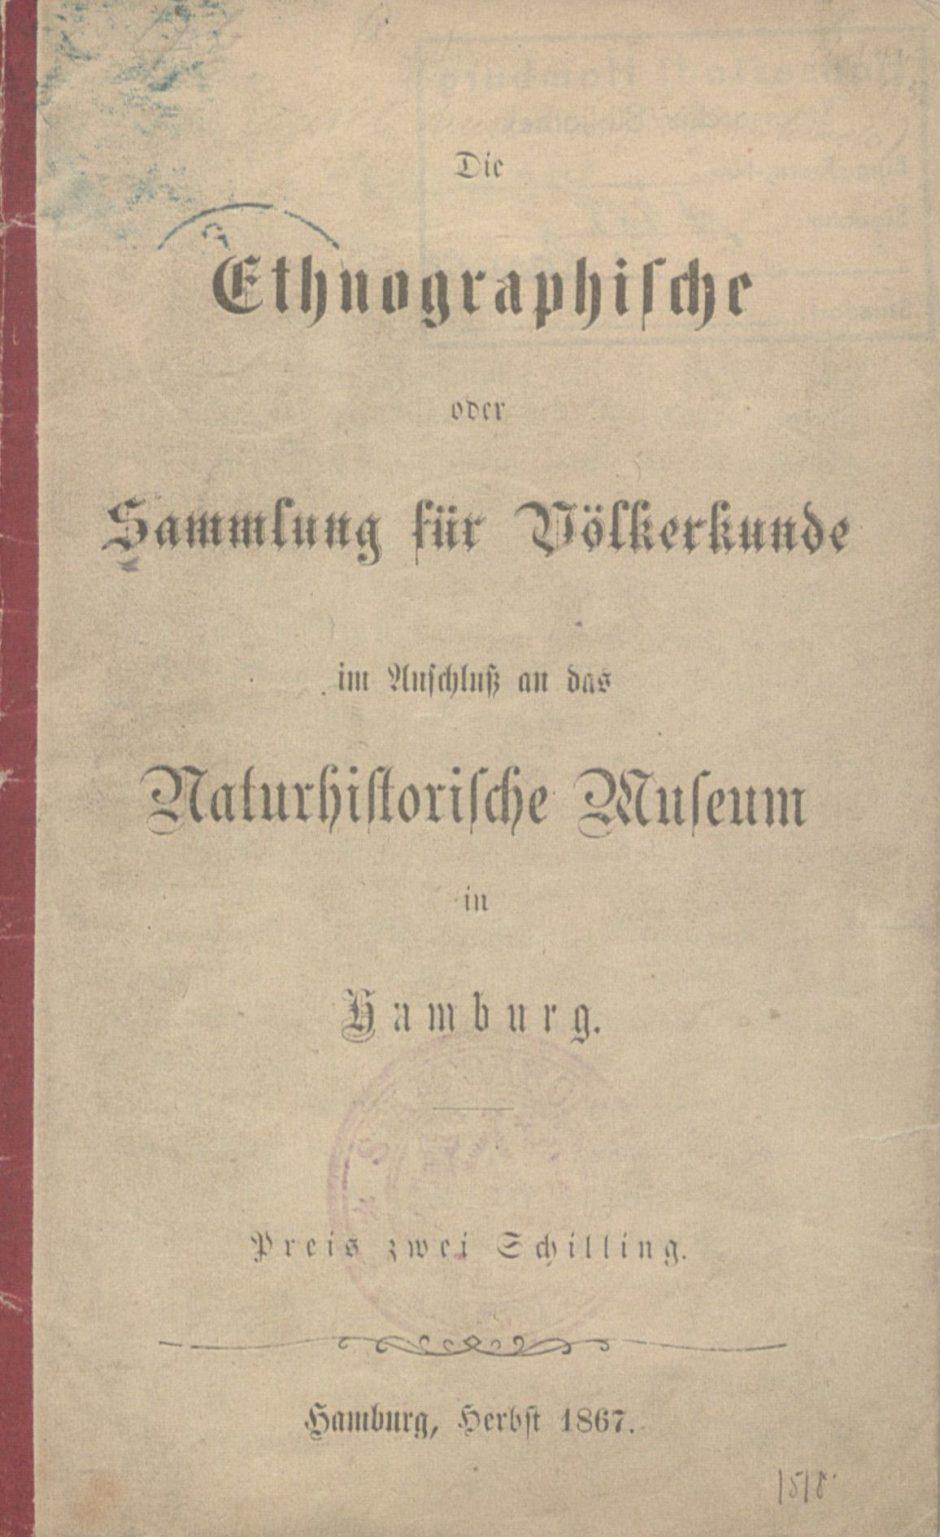 Ansicht des historischen Sammlungsverzeichnisses, Titelblatt